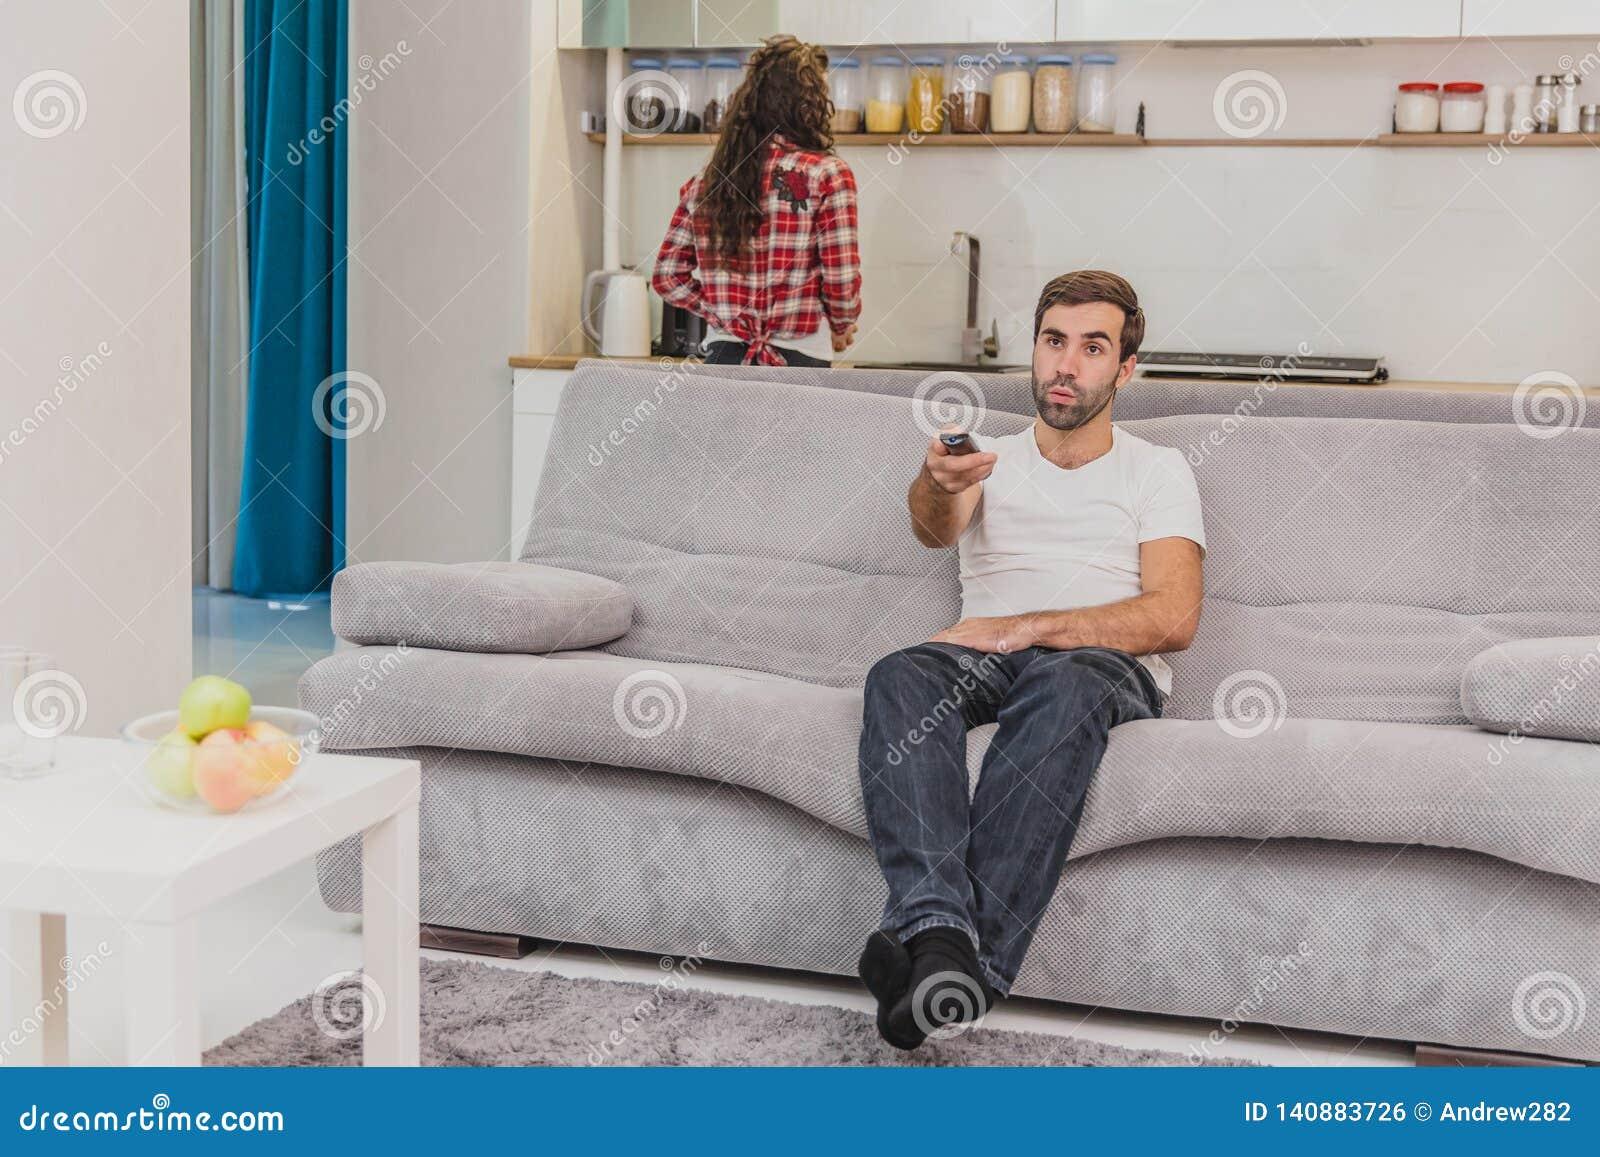 Piękny komicznie młody człowiek trzyma pilota do tv Podczas to TV ogląda podczas gdy siedzący na leżance przy